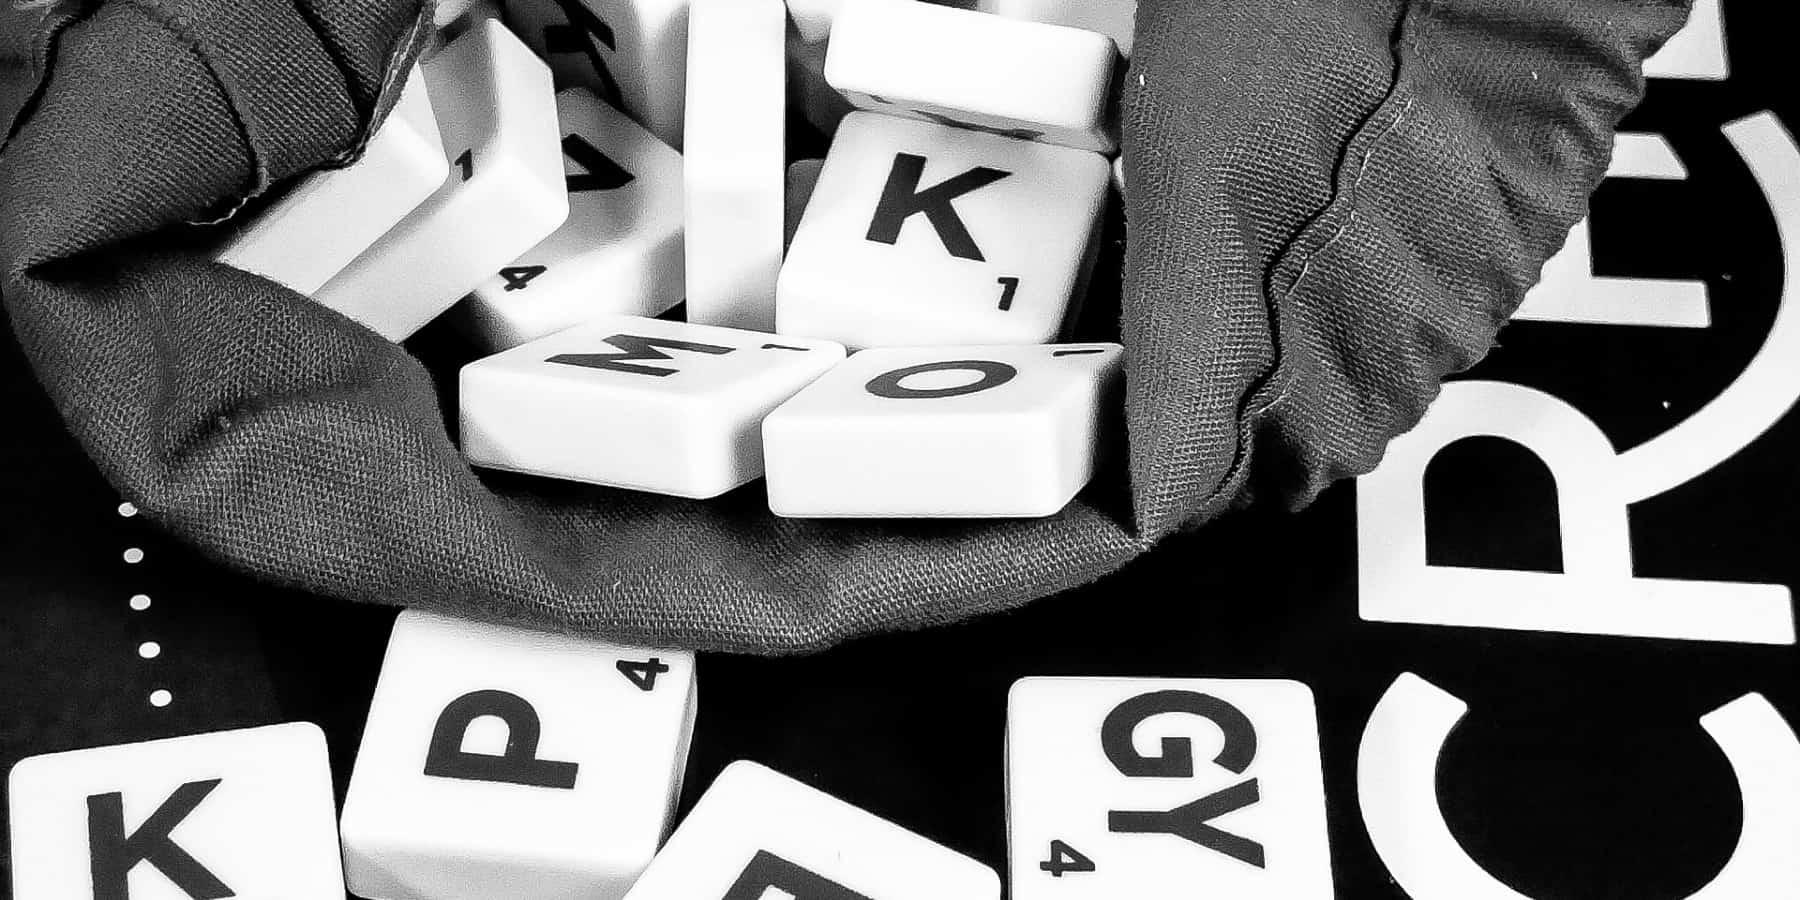 Vorsätze - One word that will change your mind